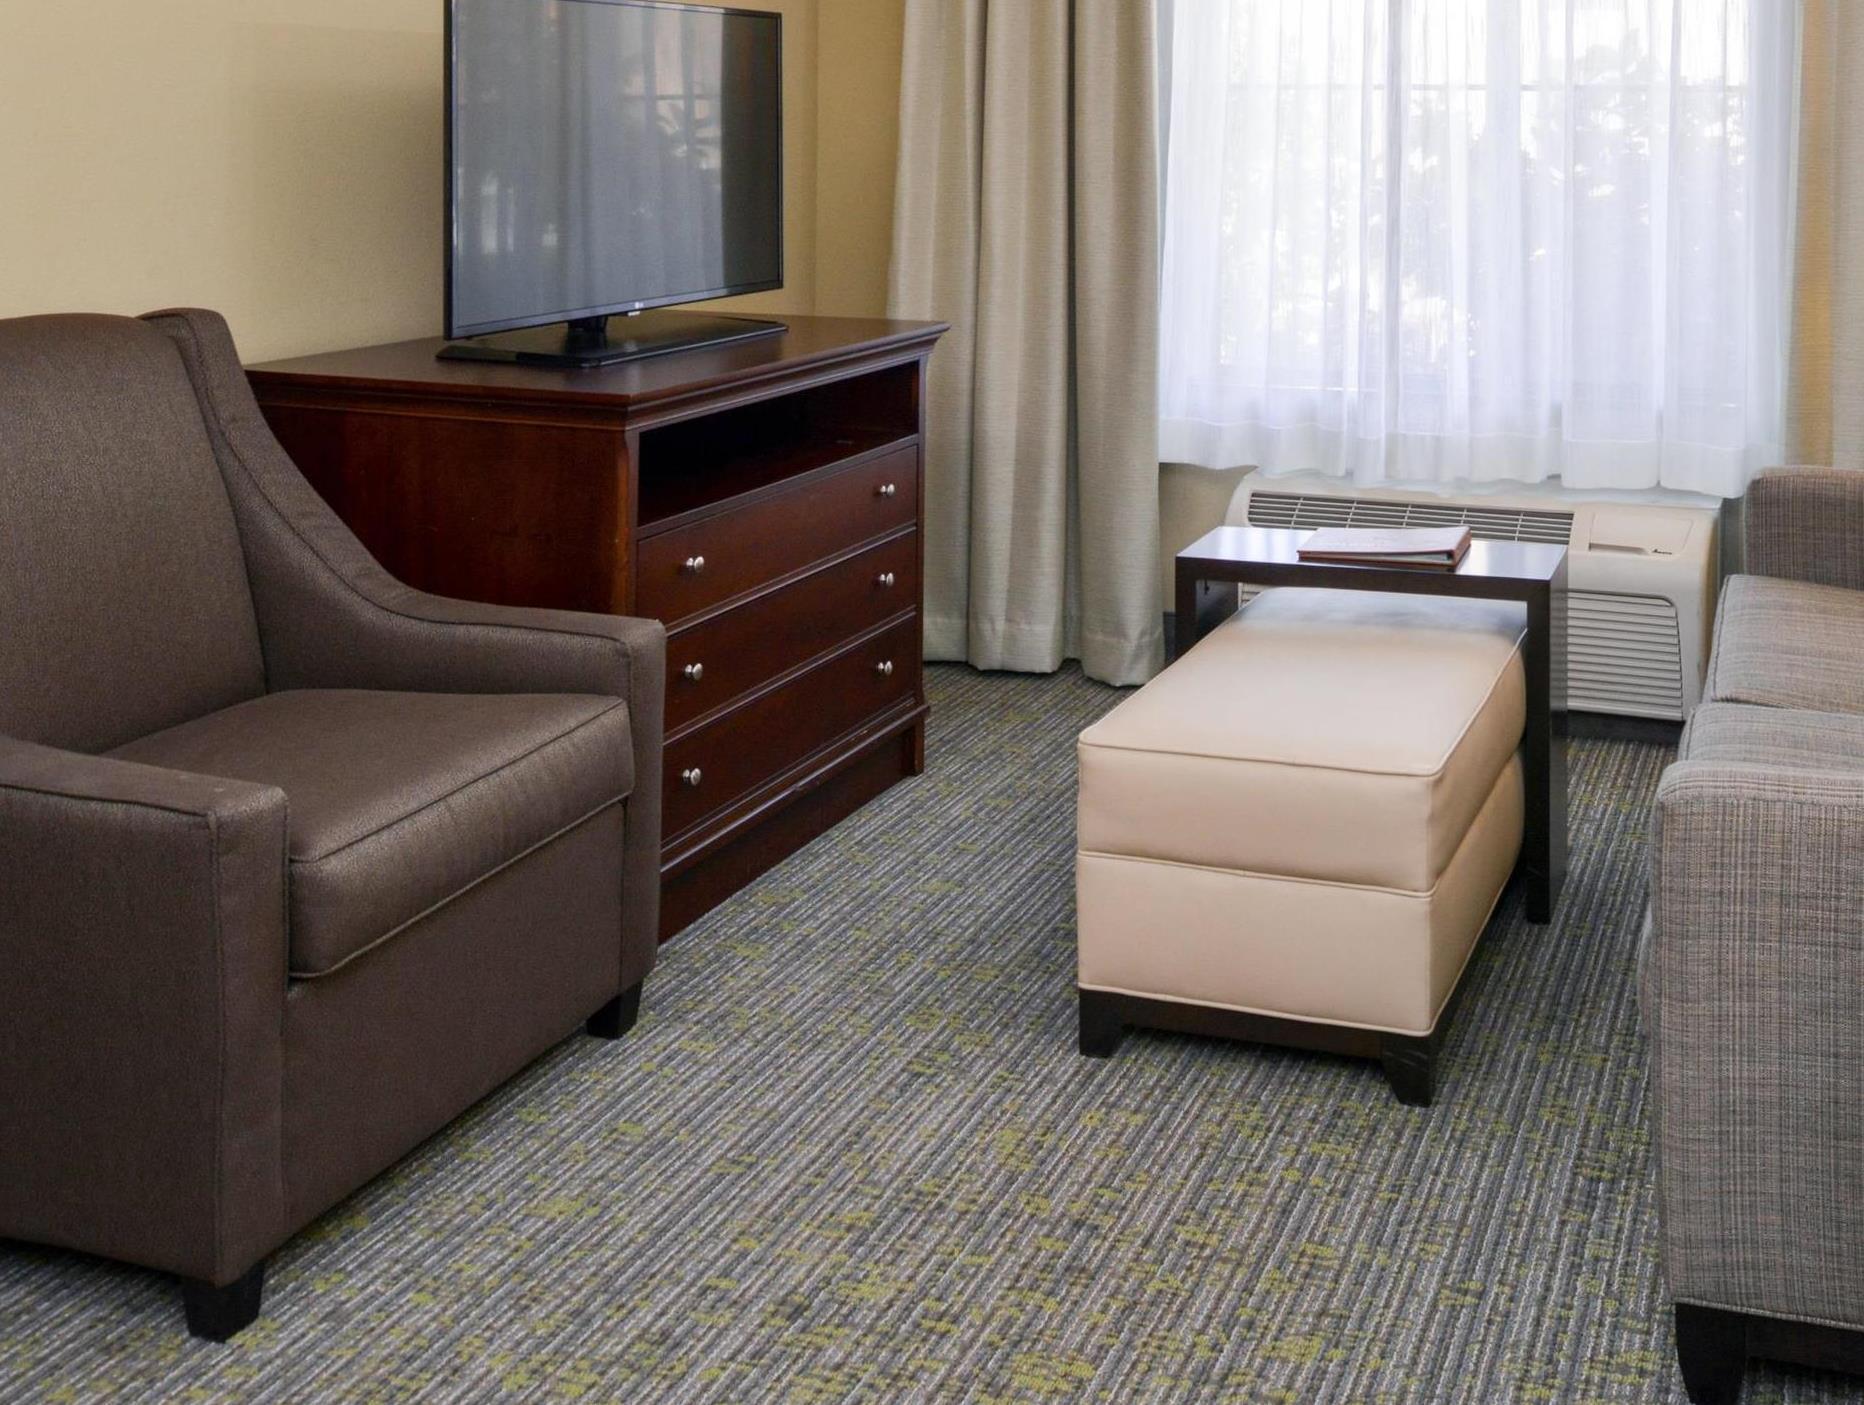 2 Queen 1 Bedroom Suite Non-Smoking